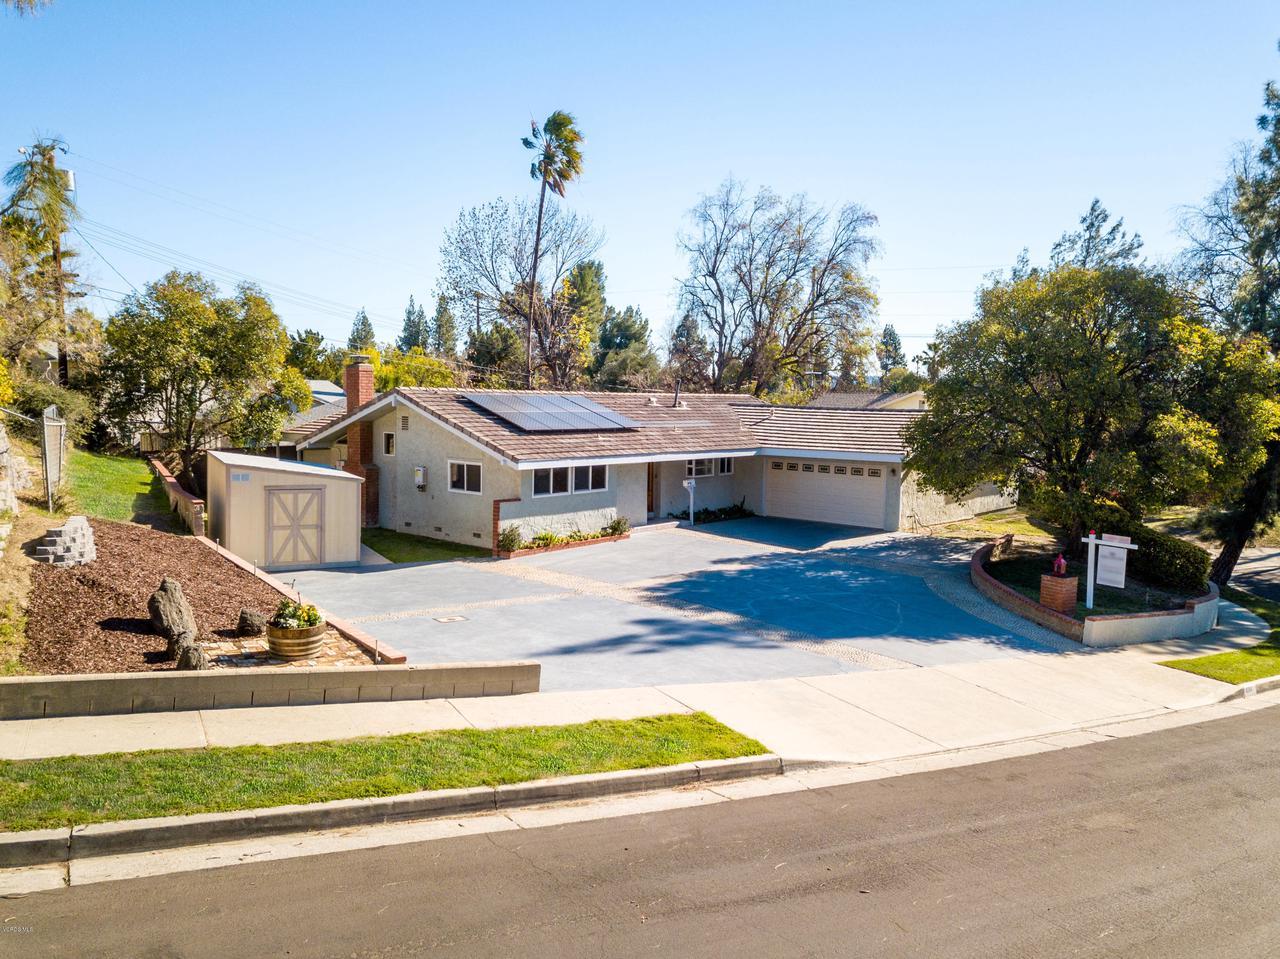 8314 STEPHEN, West Hills, CA 91304 - Stephen -1